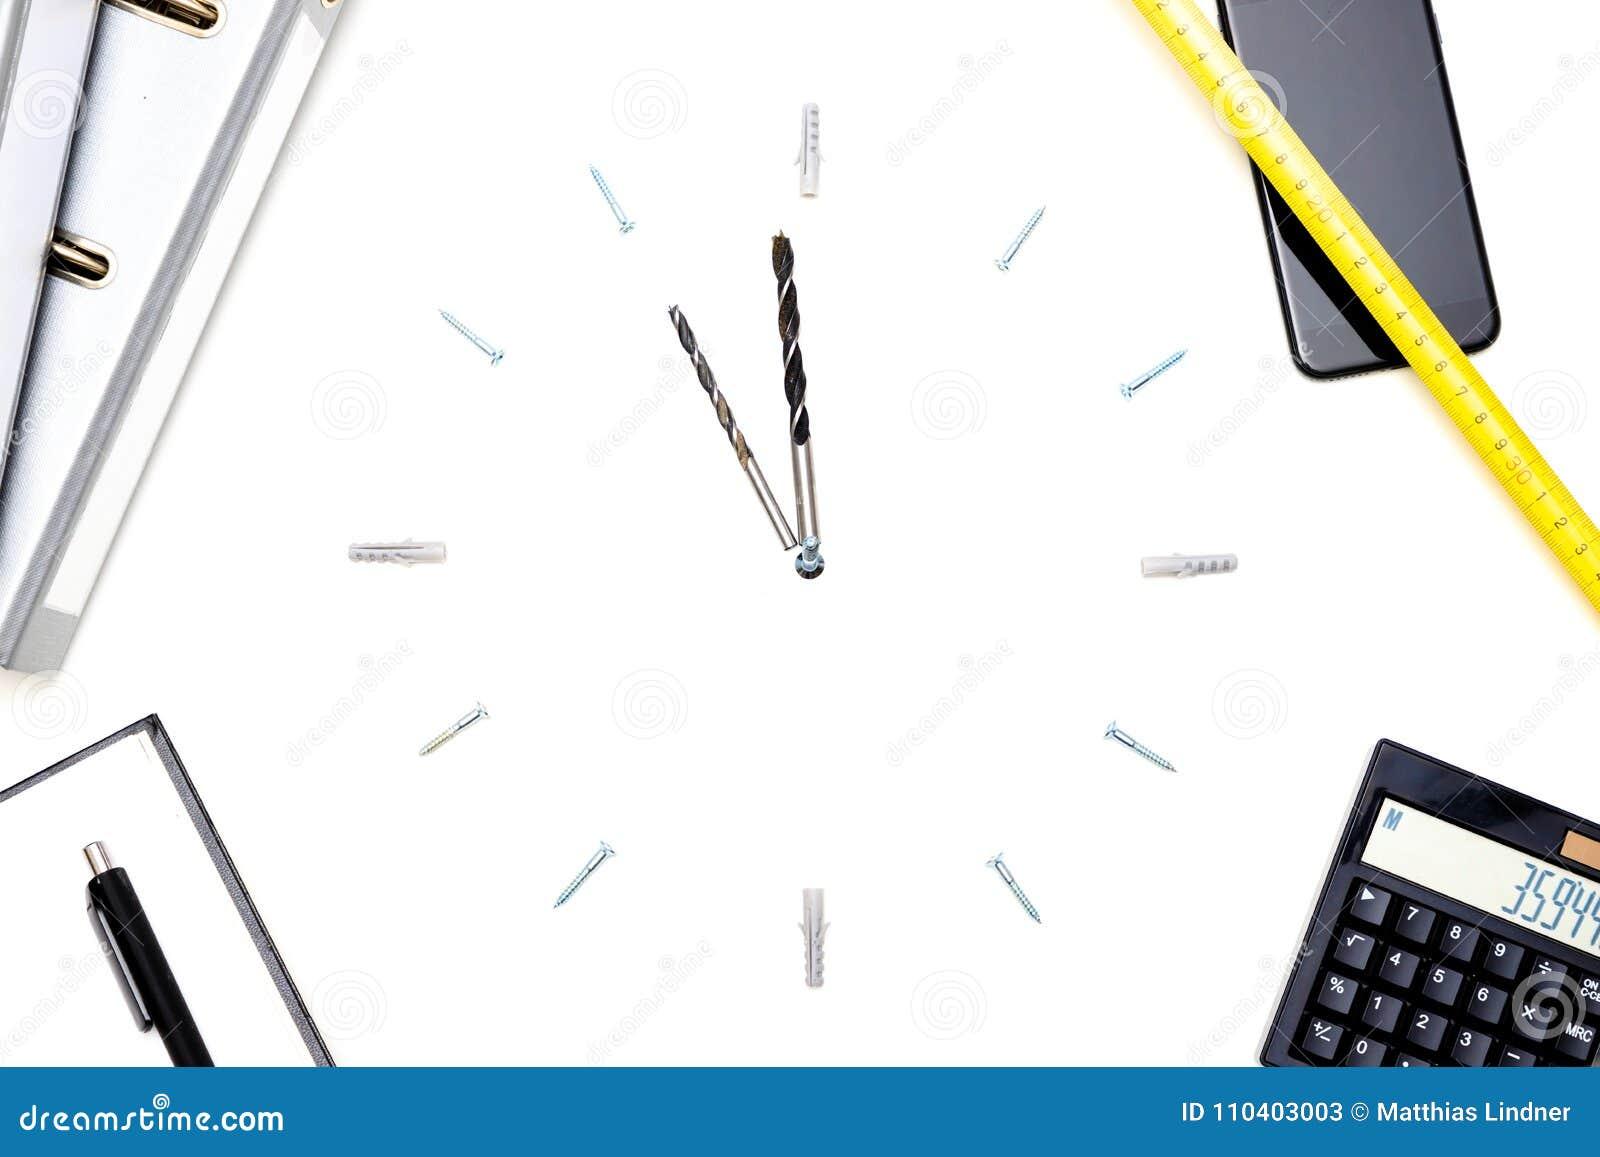 Une horloge faite de vis et exercices symbolise la pression de temps